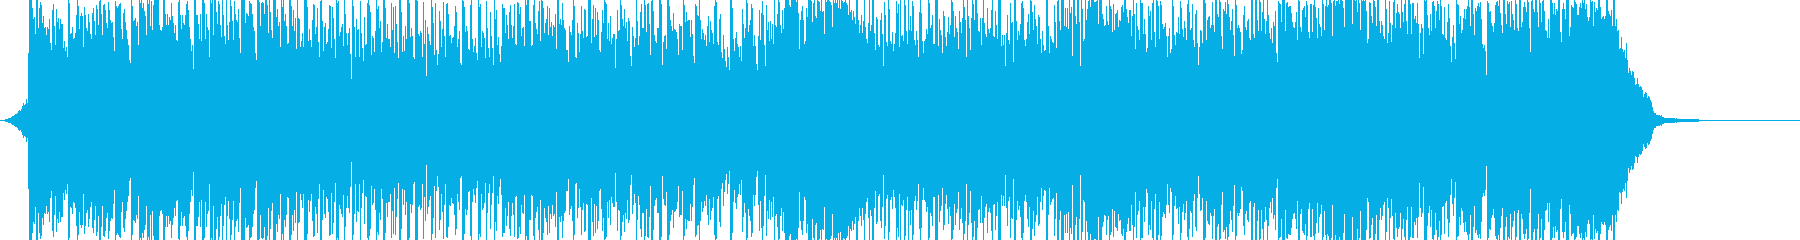 爽やかな番組OP・ニュースやラジオの再生済みの波形